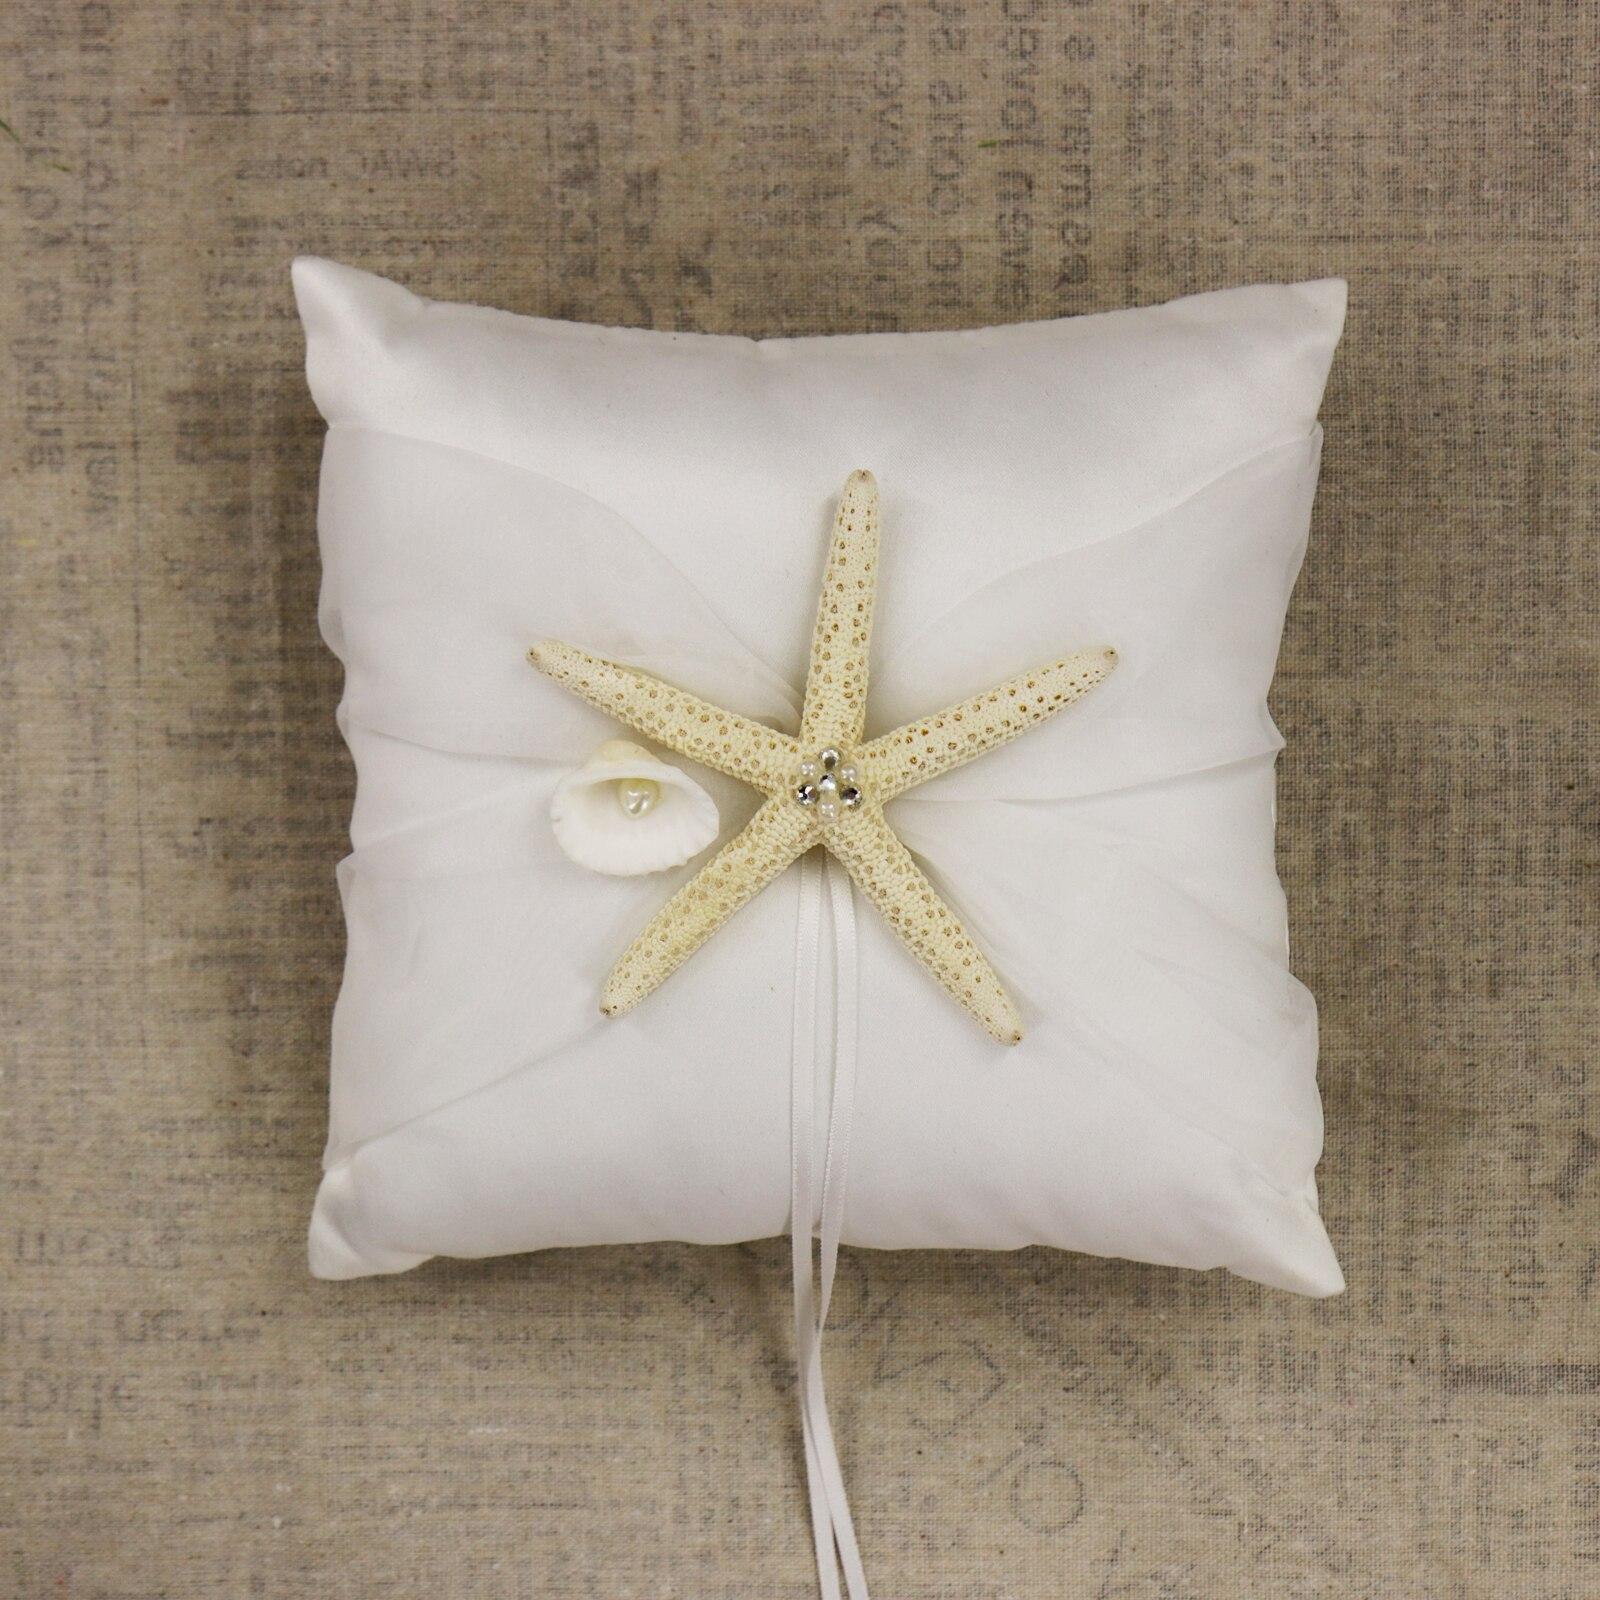 Nuptiale douche étoile de mer fleur panier blanc tache poire anneau oreiller de mariage fête décoration invité livre ensemble accessoires de mariée - 5